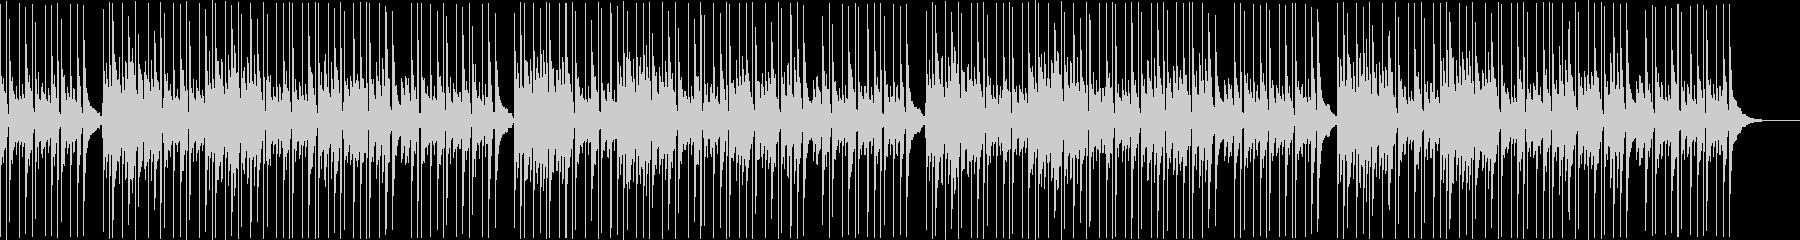 ピアノのゆったりBGMの未再生の波形